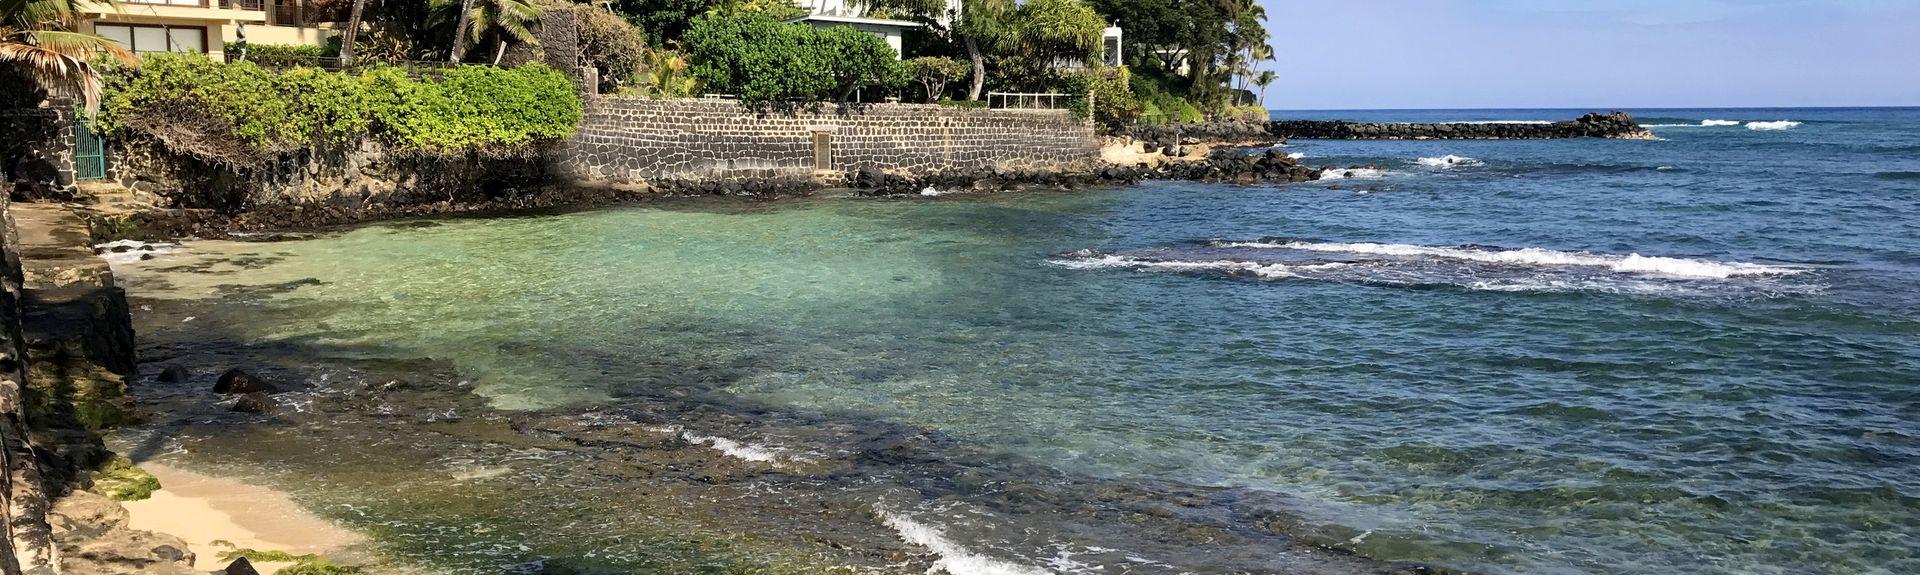 Kawaikui Beach Park, Honolulu, Hawaii, USA